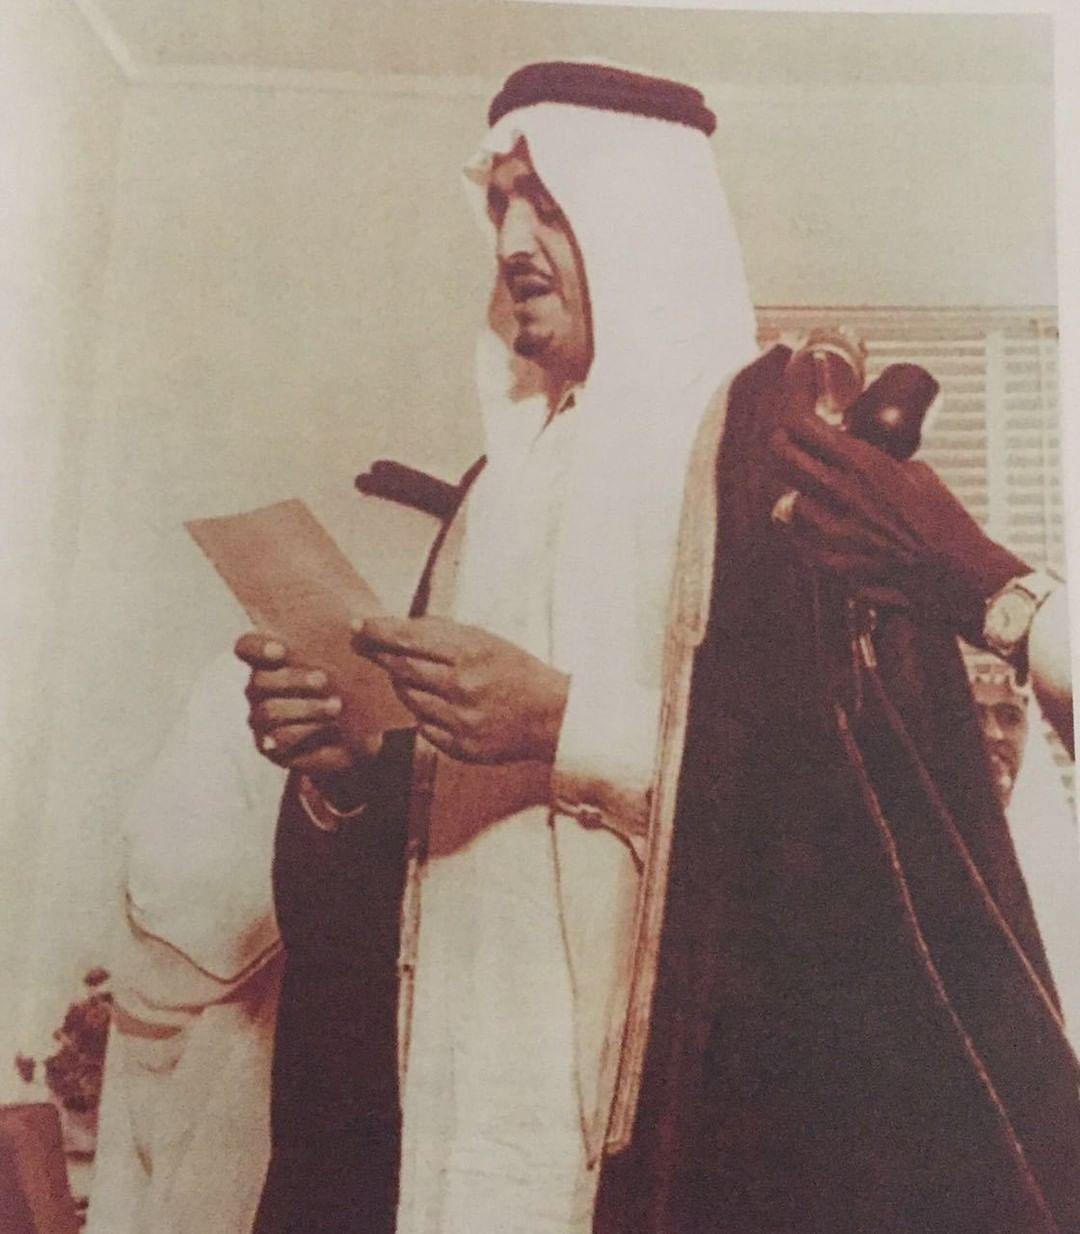 الفهد يؤدي القسم أمام الملك سعود في التشكيل الوزاري الجديد عام 1377هـ / 1958 م